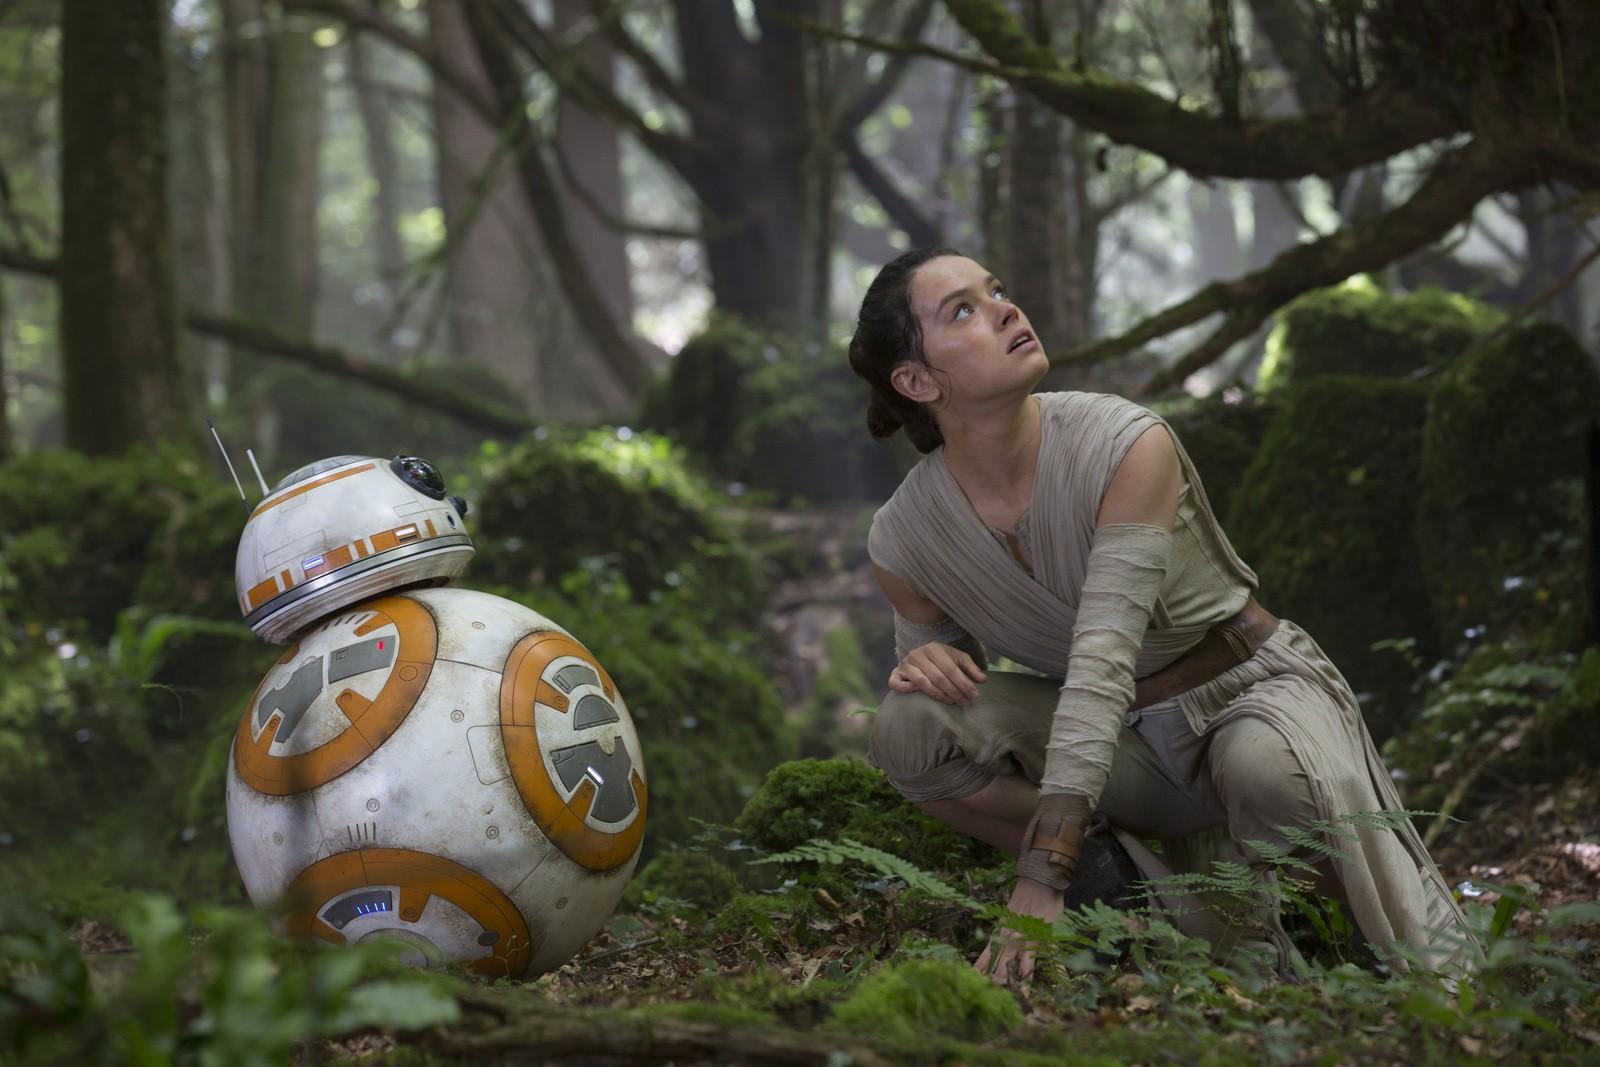 Rey et BB-8 tentent d'échapper au Premier Ordre en se cachant dans la forêt